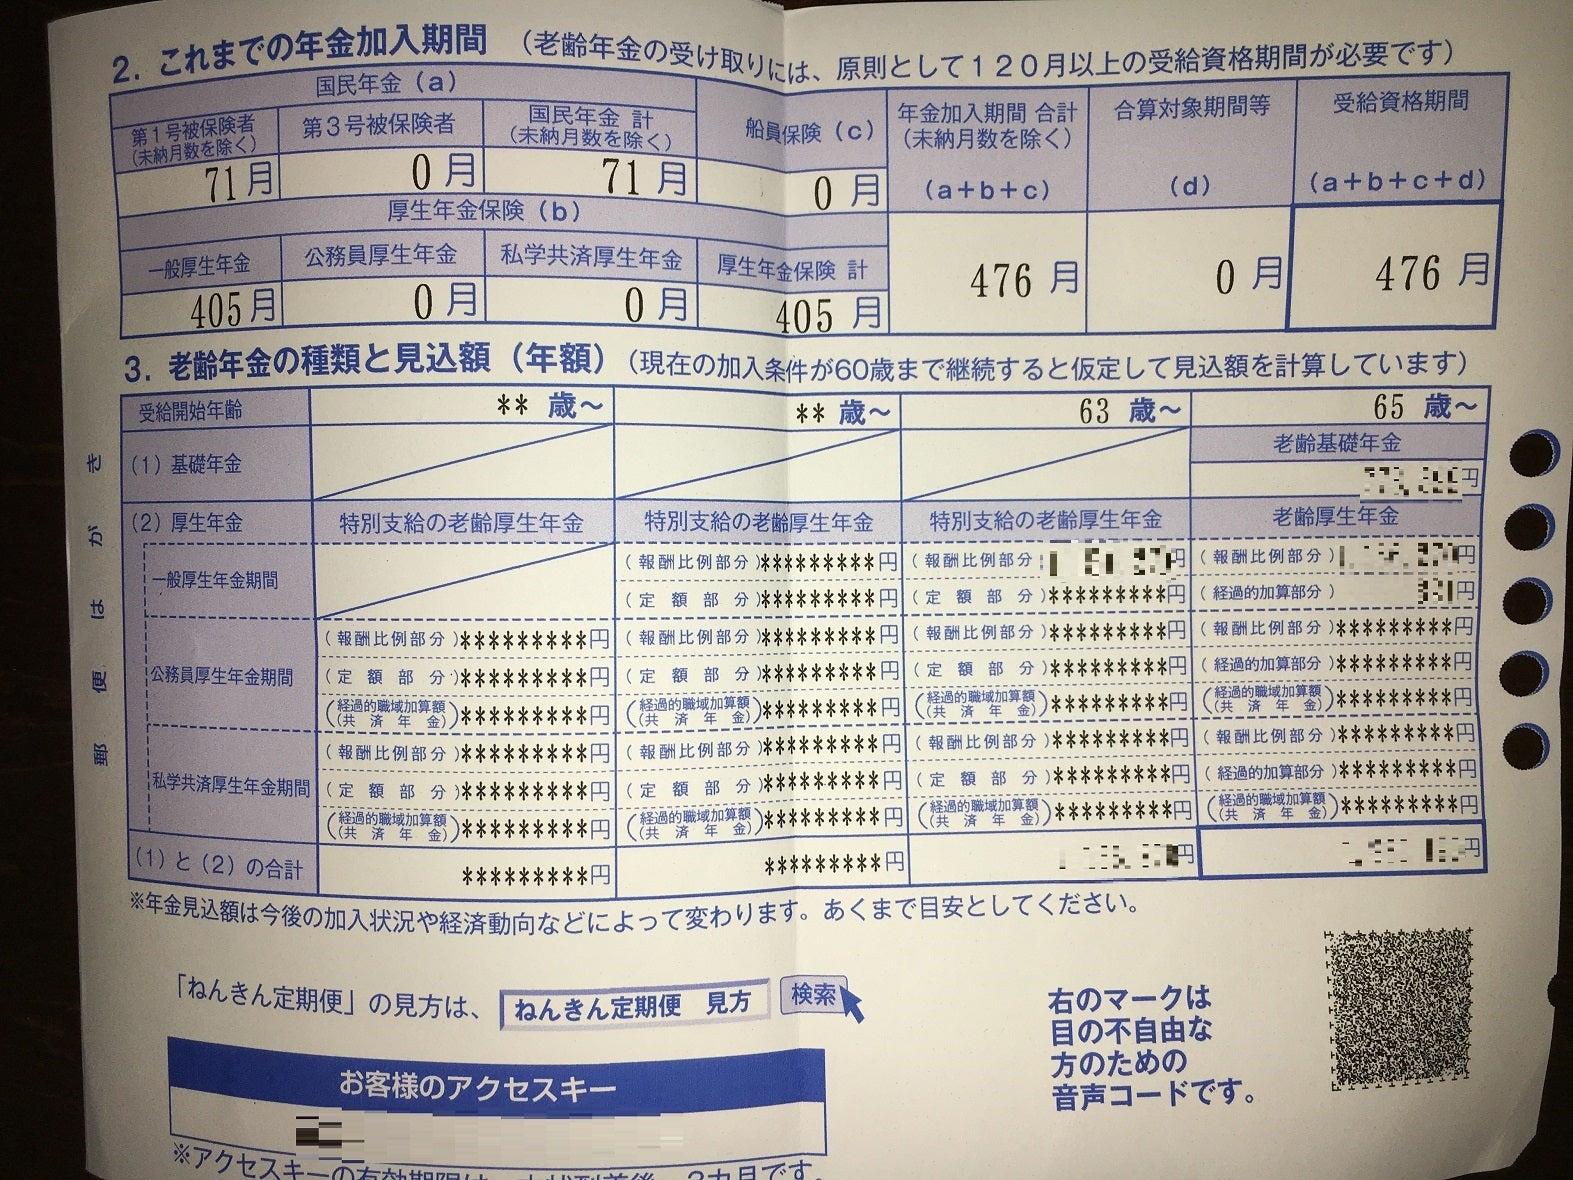 年金 定期 便 大切なお知らせ、「ねんきん定期便」をお届けしています|日本年金機...